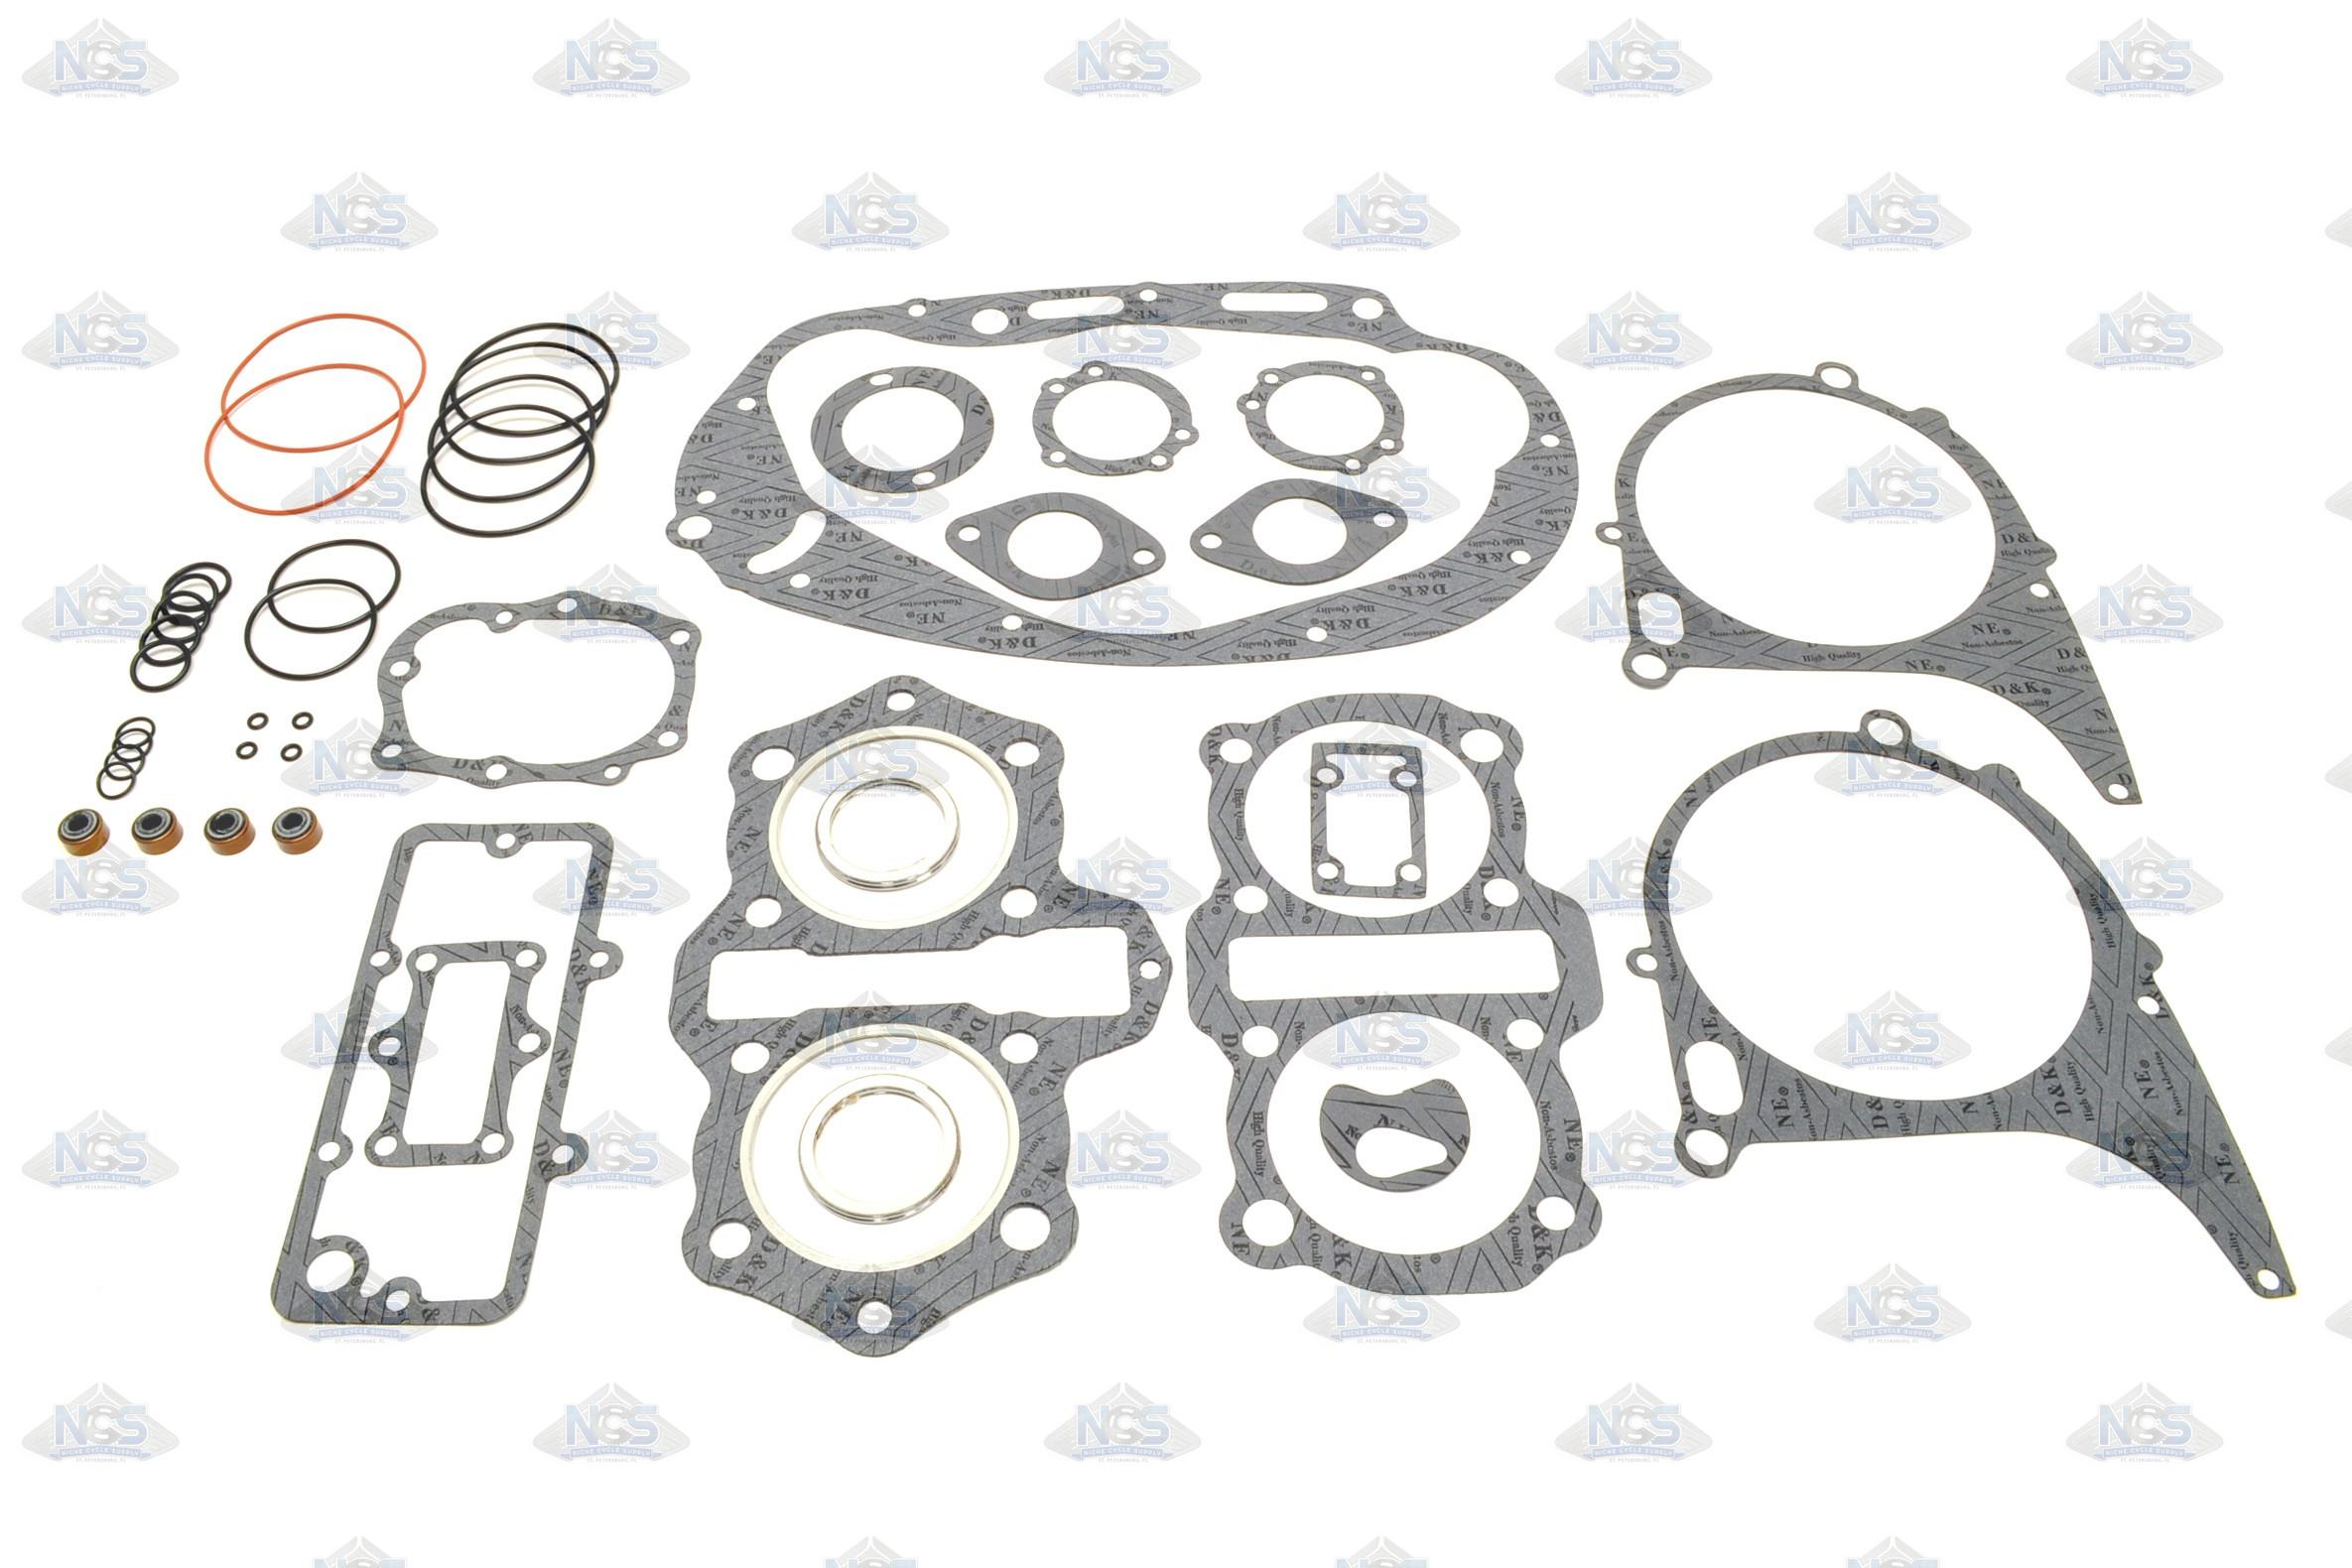 Yamaha XS650 75-81 Engine Gasket Set